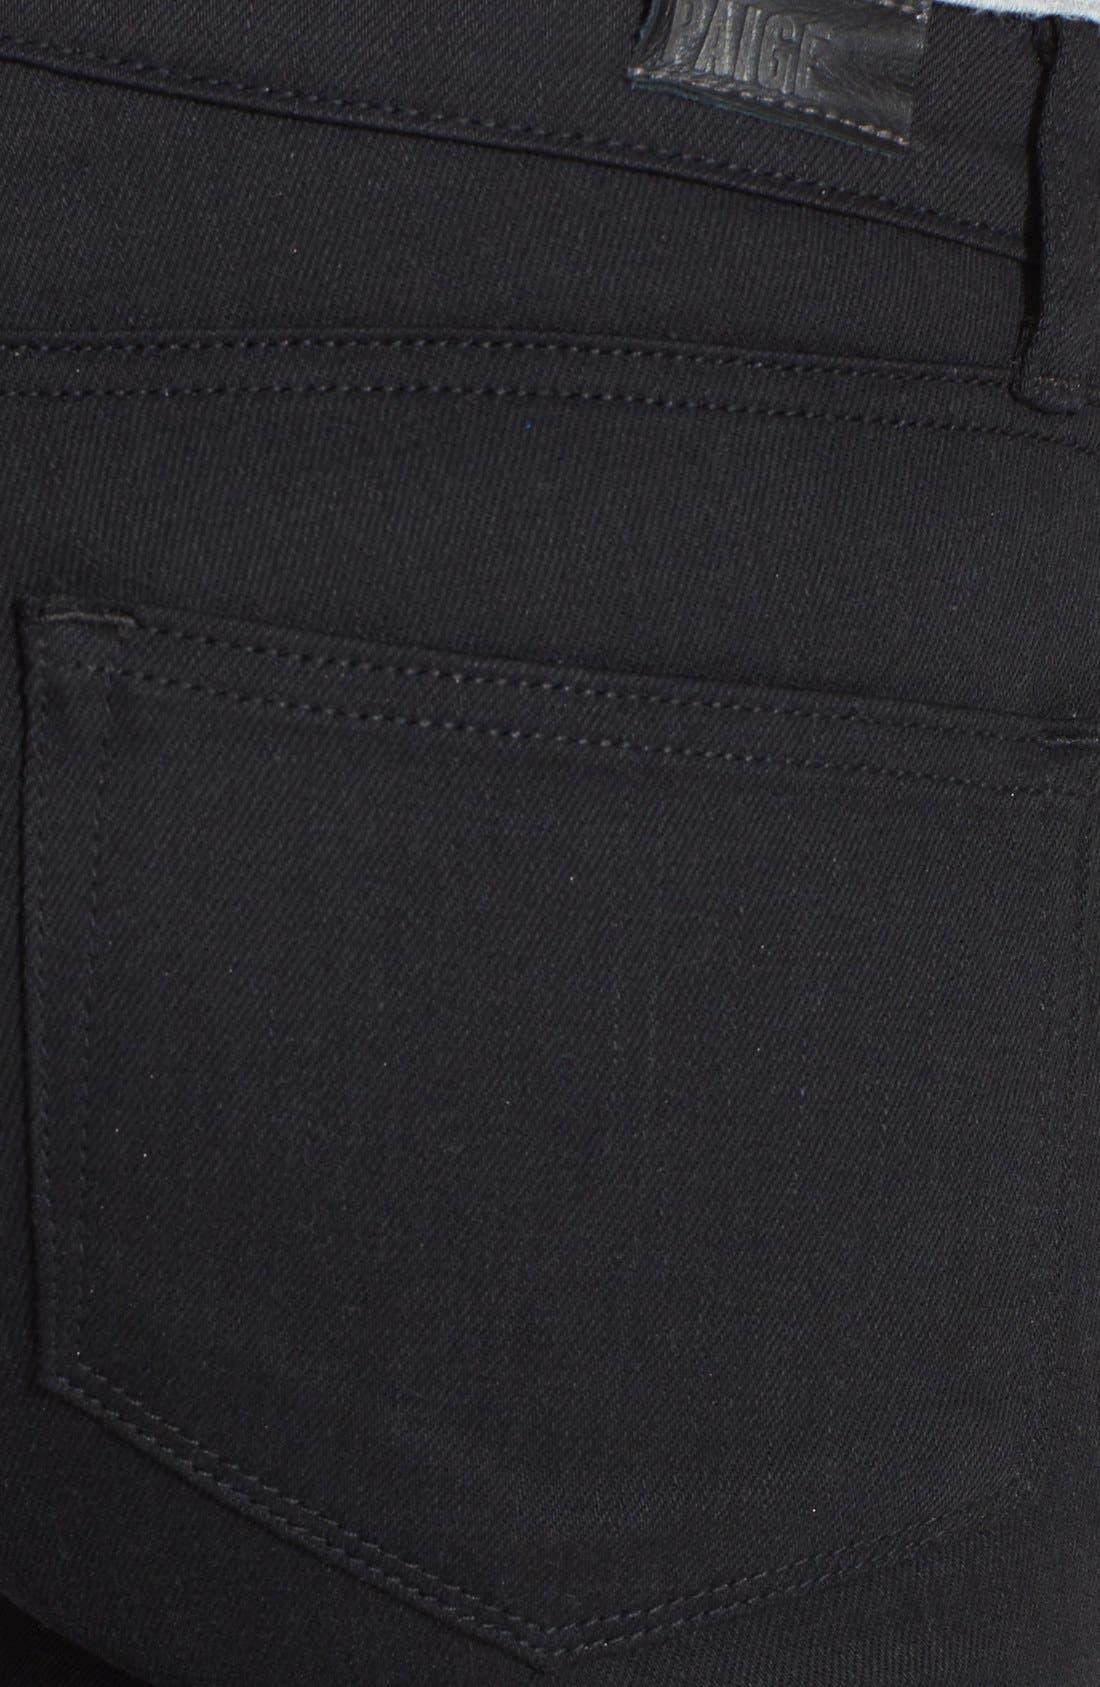 Alternate Image 3  - Paige Denim 'Indio' Zip Detail Ultra Skinny Jeans (Steel Grey)